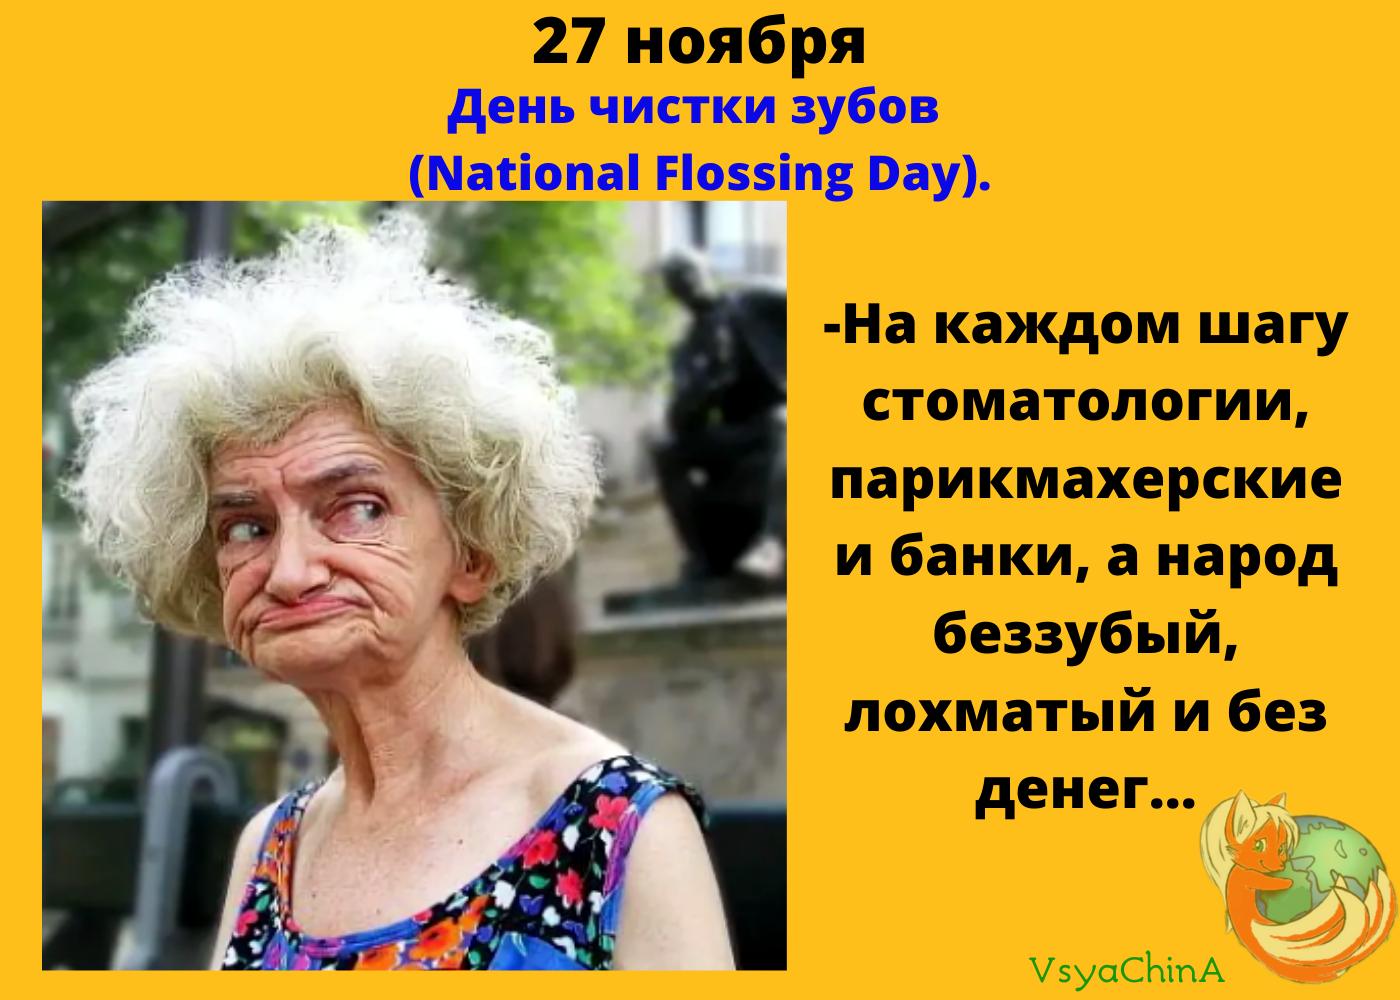 27 ноября. День чистки зубов.